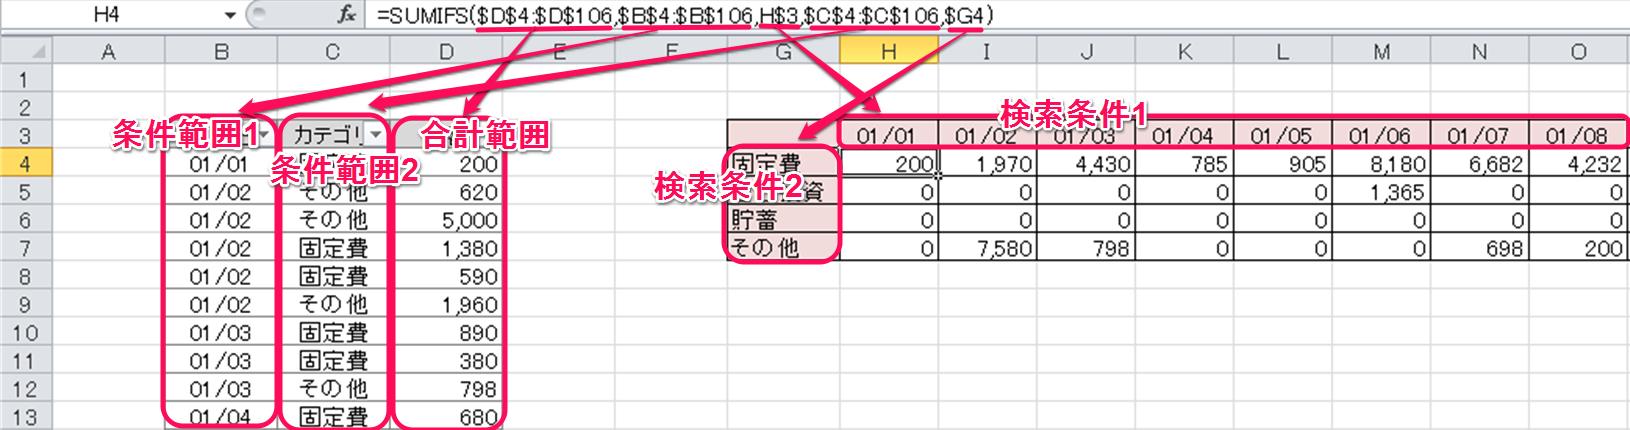 SUMIFS関数で複数の検索条件に合ったデータのみ合計する方法 ...